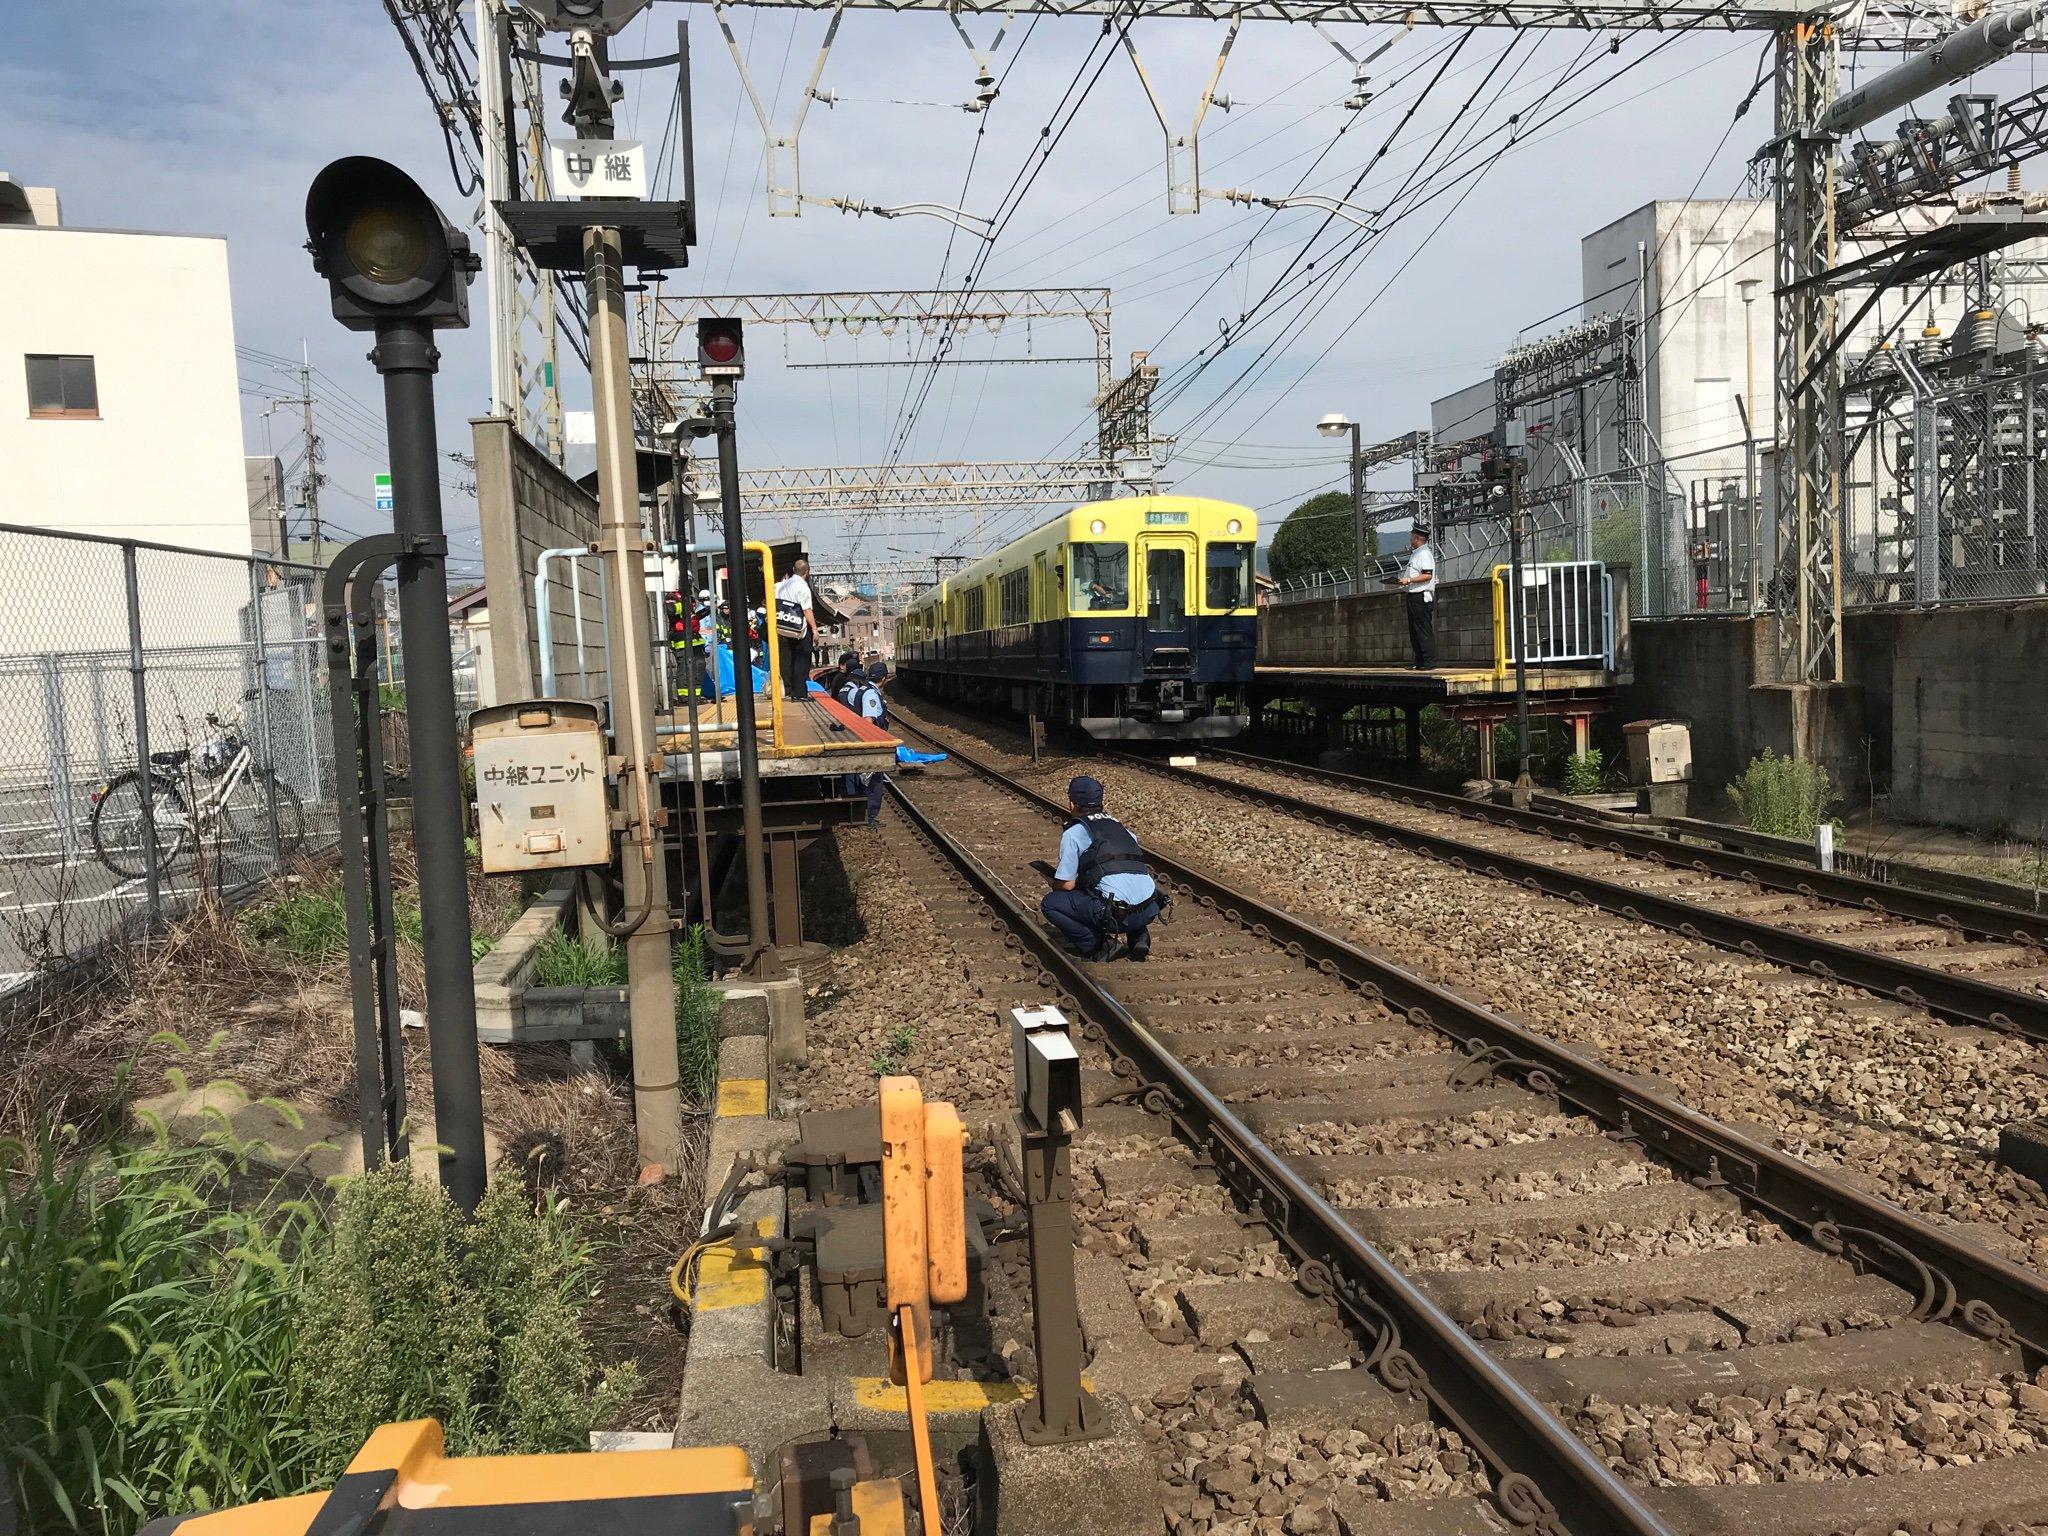 近鉄大阪線の二上駅で人身事故が起きた現場の画像